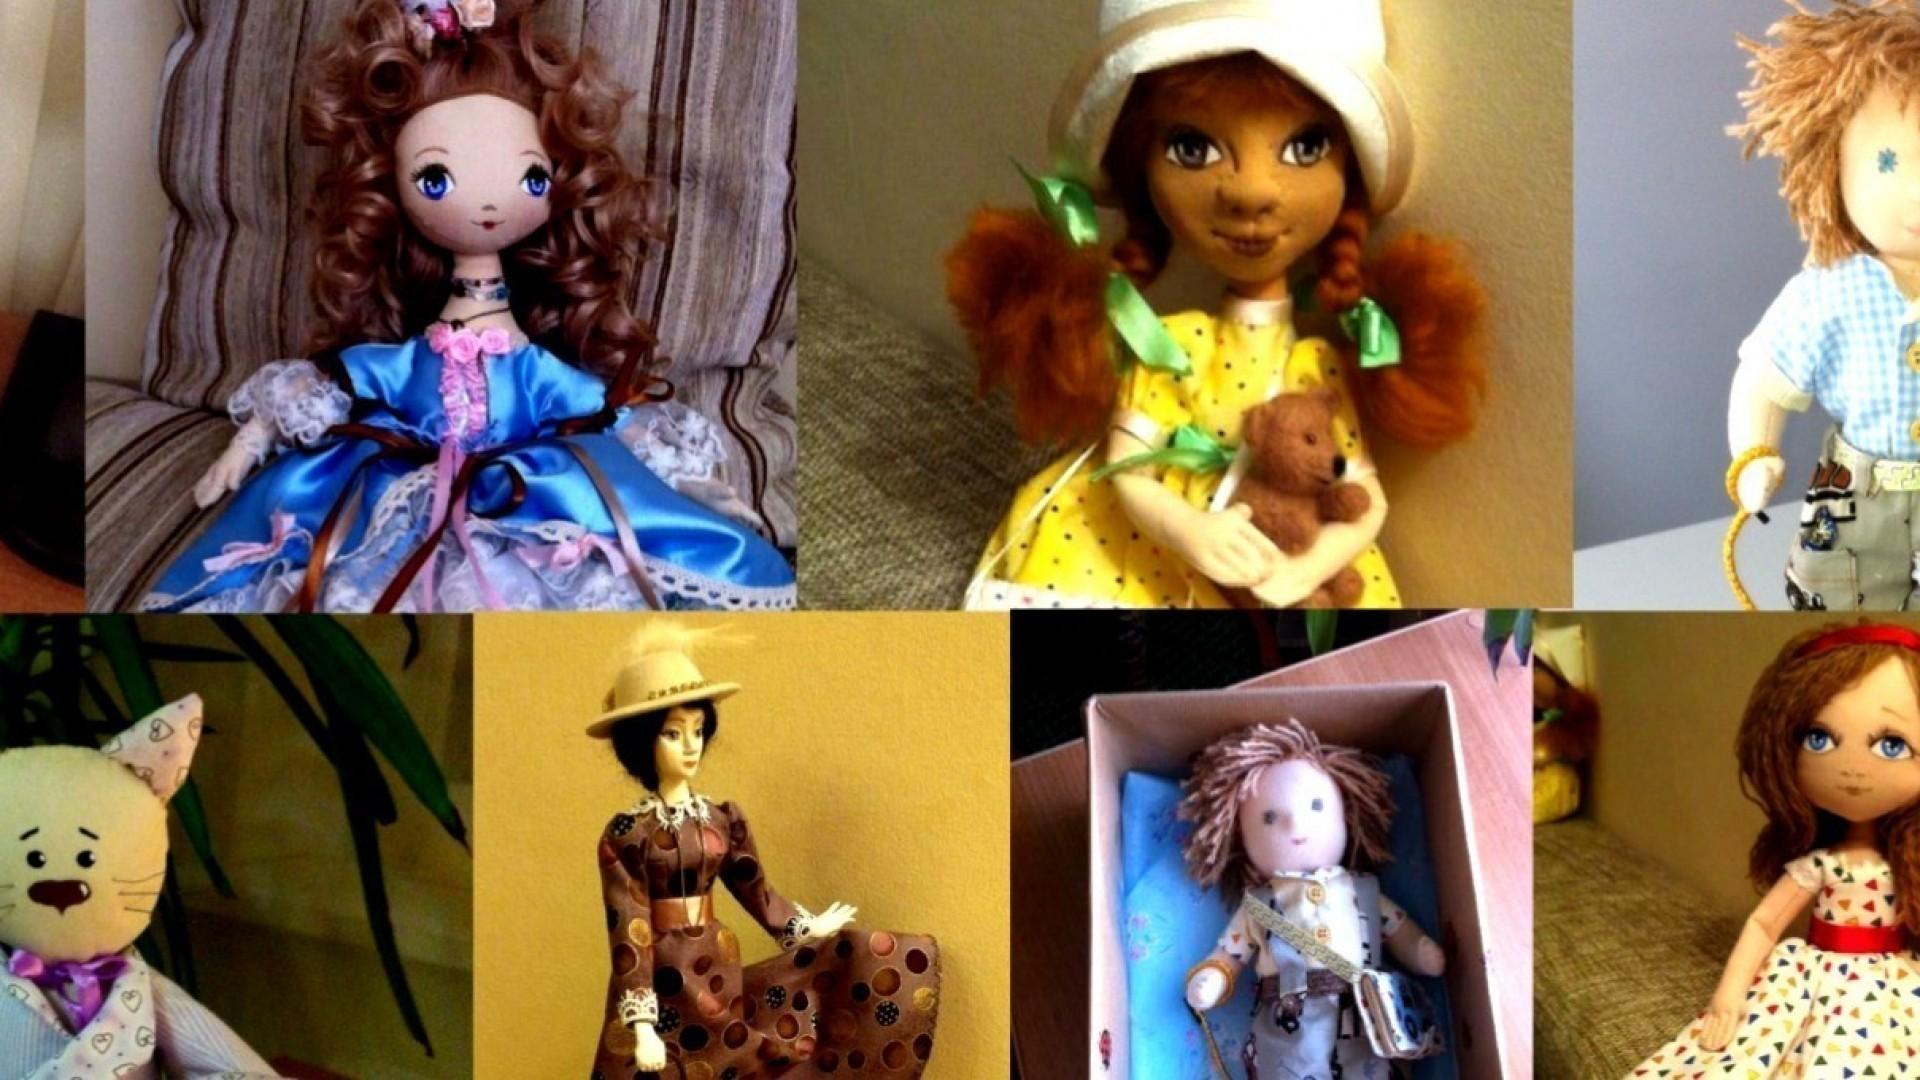 Елена Самохвалова: «Не хочу, чтобы мои куклы стояли на полке!»